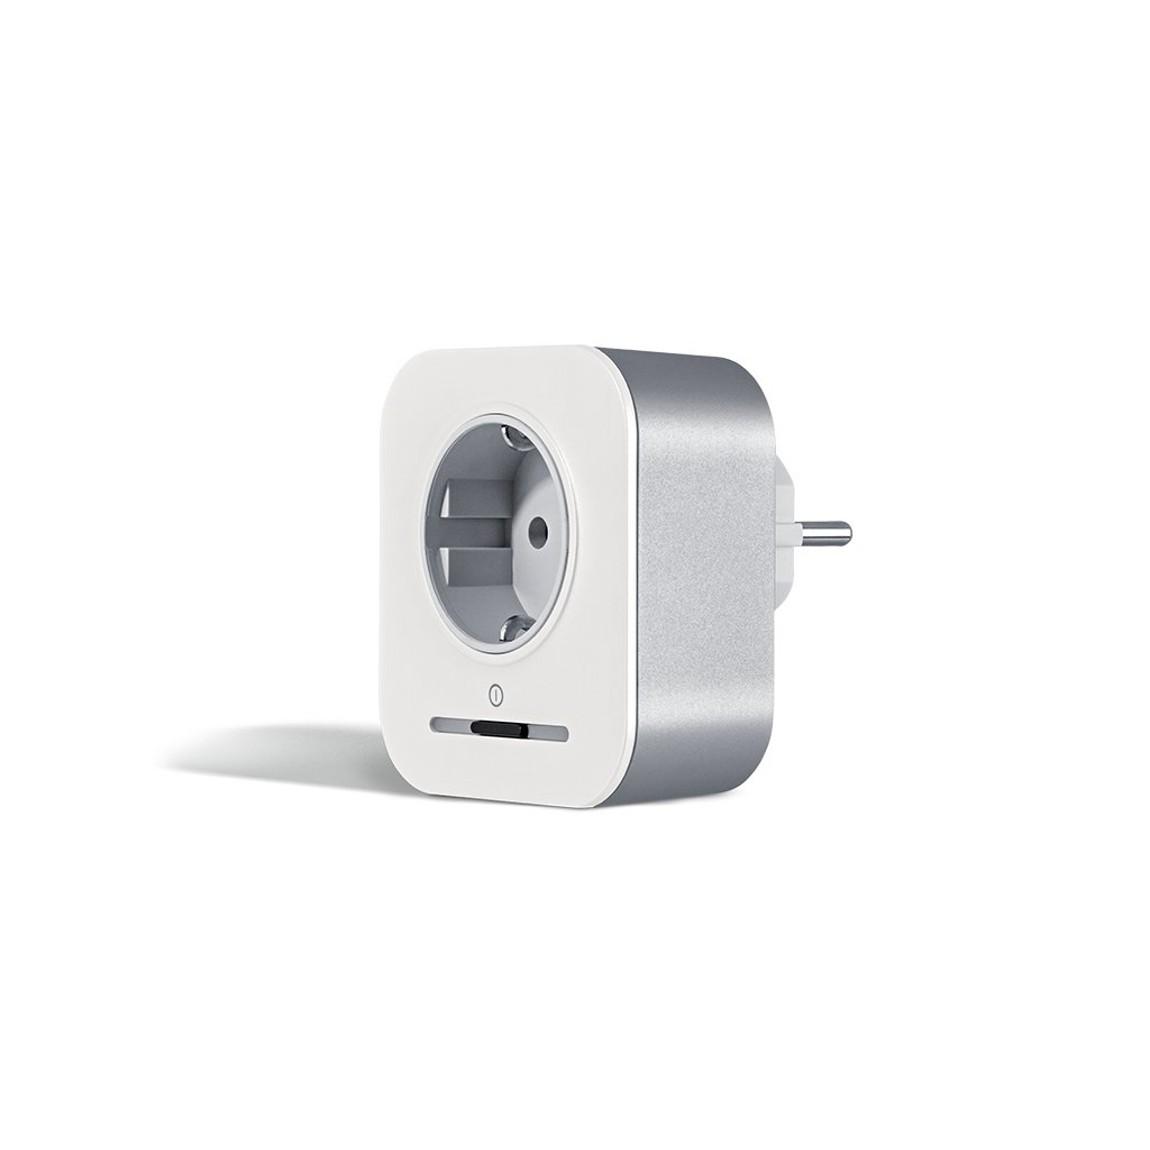 Bosch Smart Home Zwischenstecker - Weiß